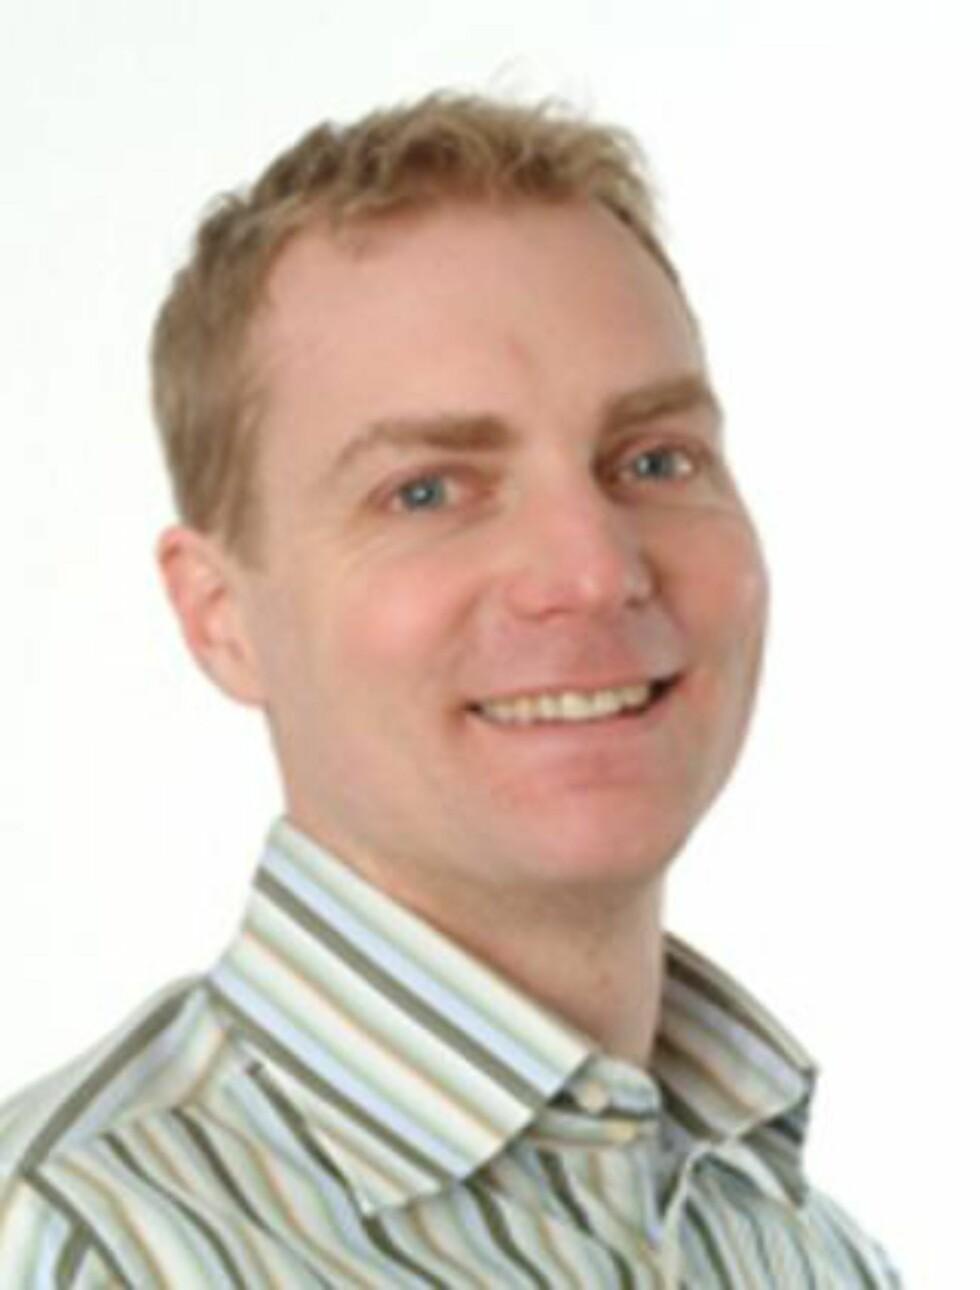 FORSKER: Anders Fagerjord, førsteamanuensis, dr.art. ved Institutt for medier og kommunikasjon på Universitetet i Oslo. Foto: UIO